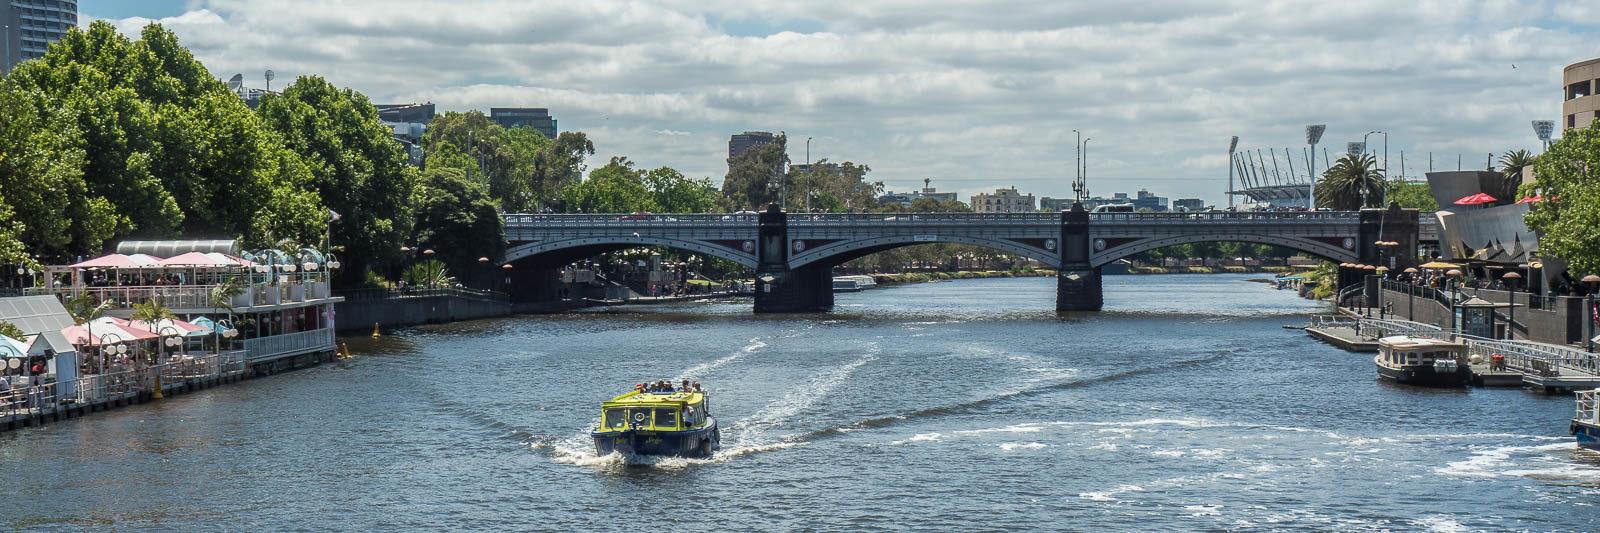 Yarra River in Melbourne, Australia.